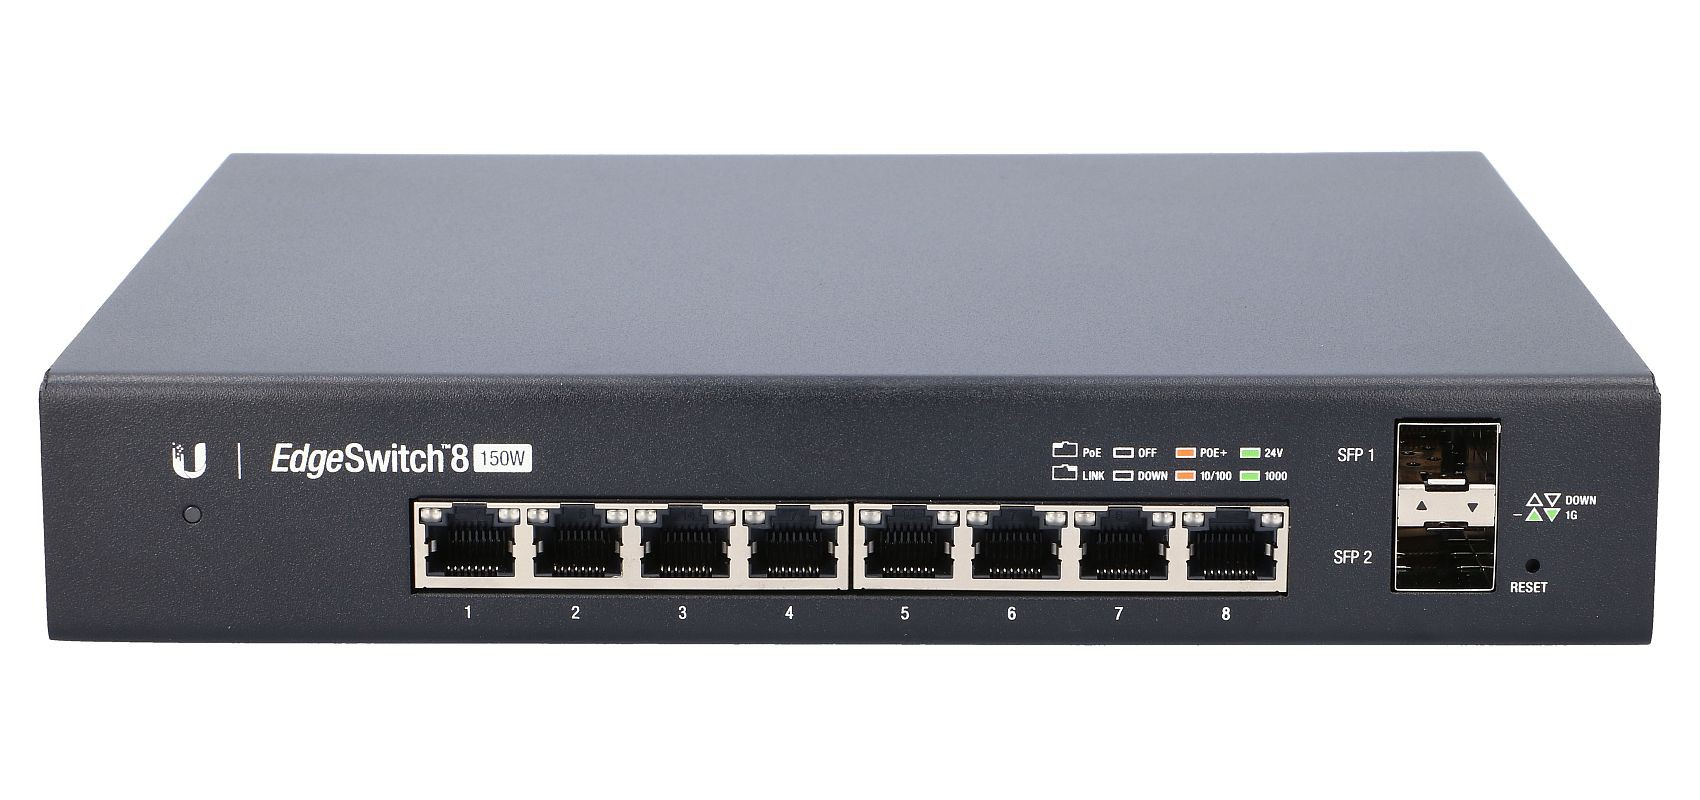 EdgeSwitch ES-8-150W Ubiquiti